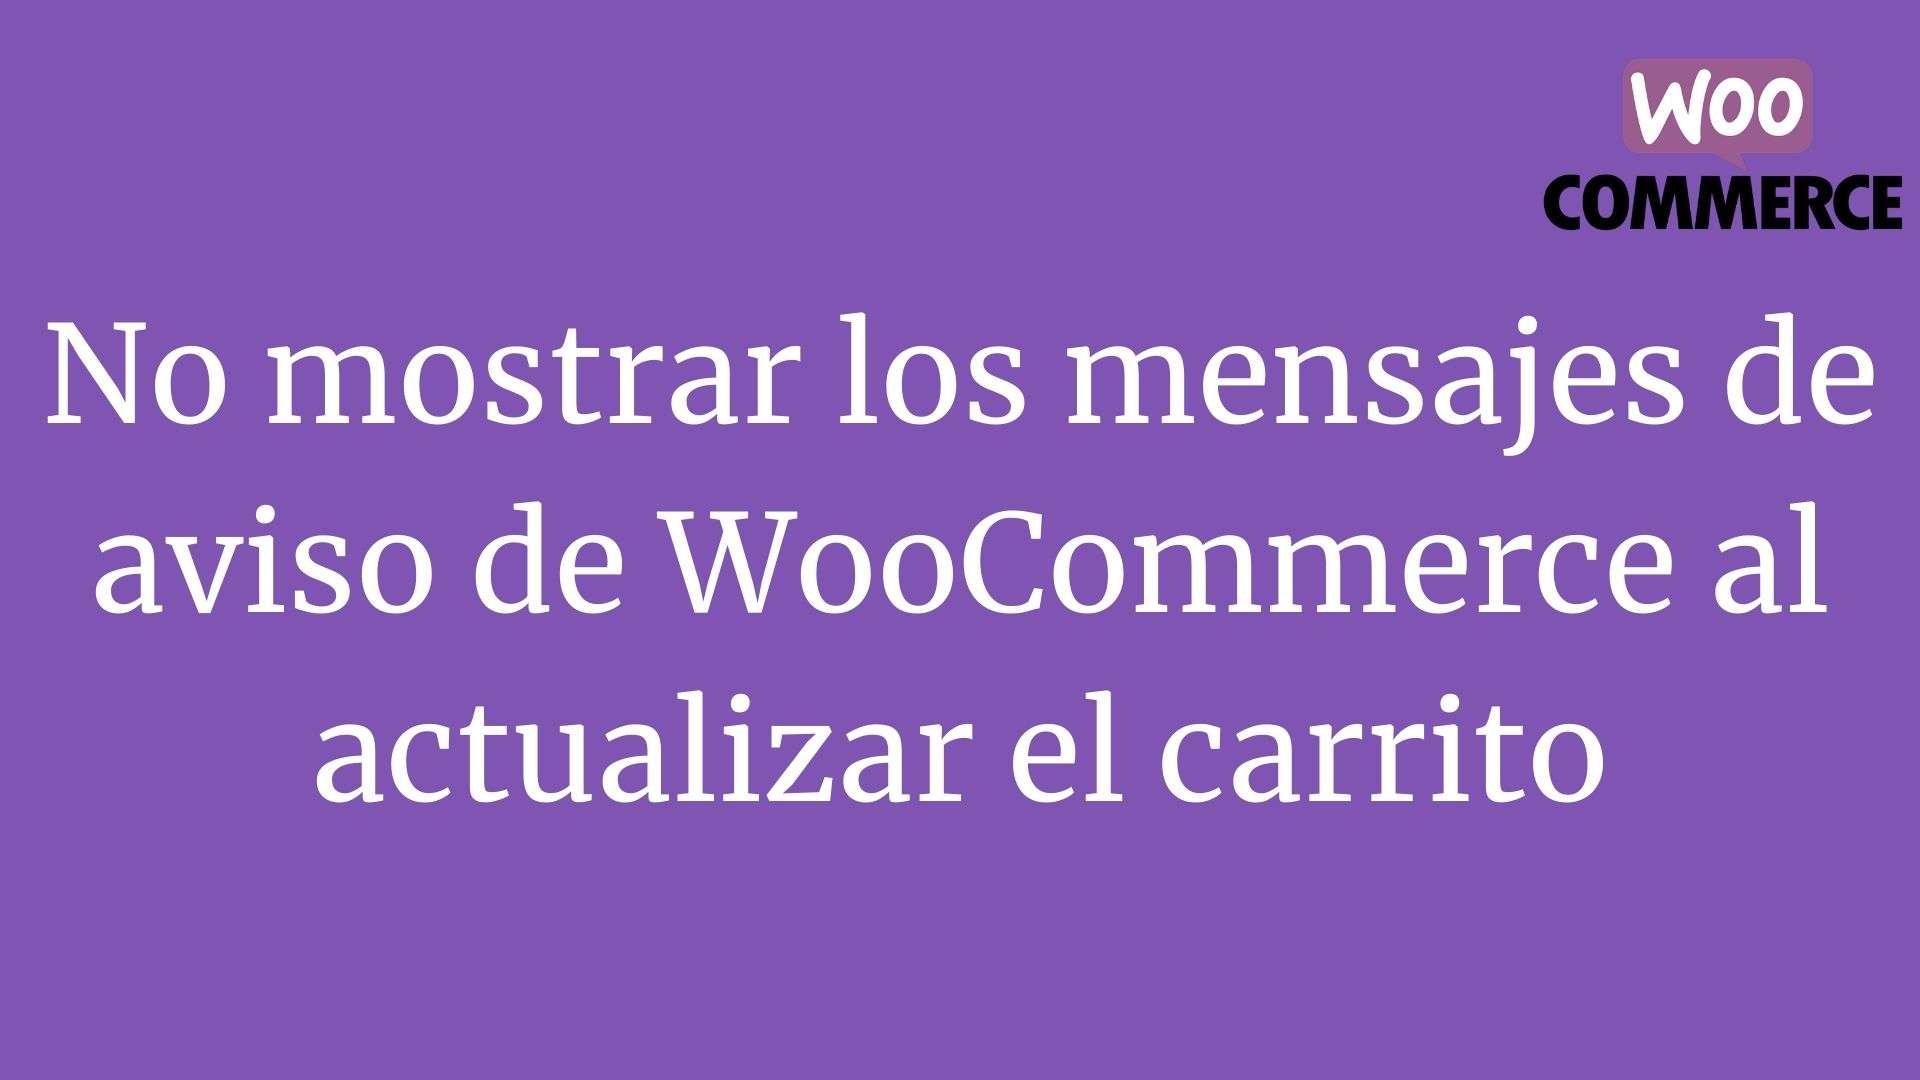 No mostrar los mensajes de aviso de WooCommerce al actualizar el carrito